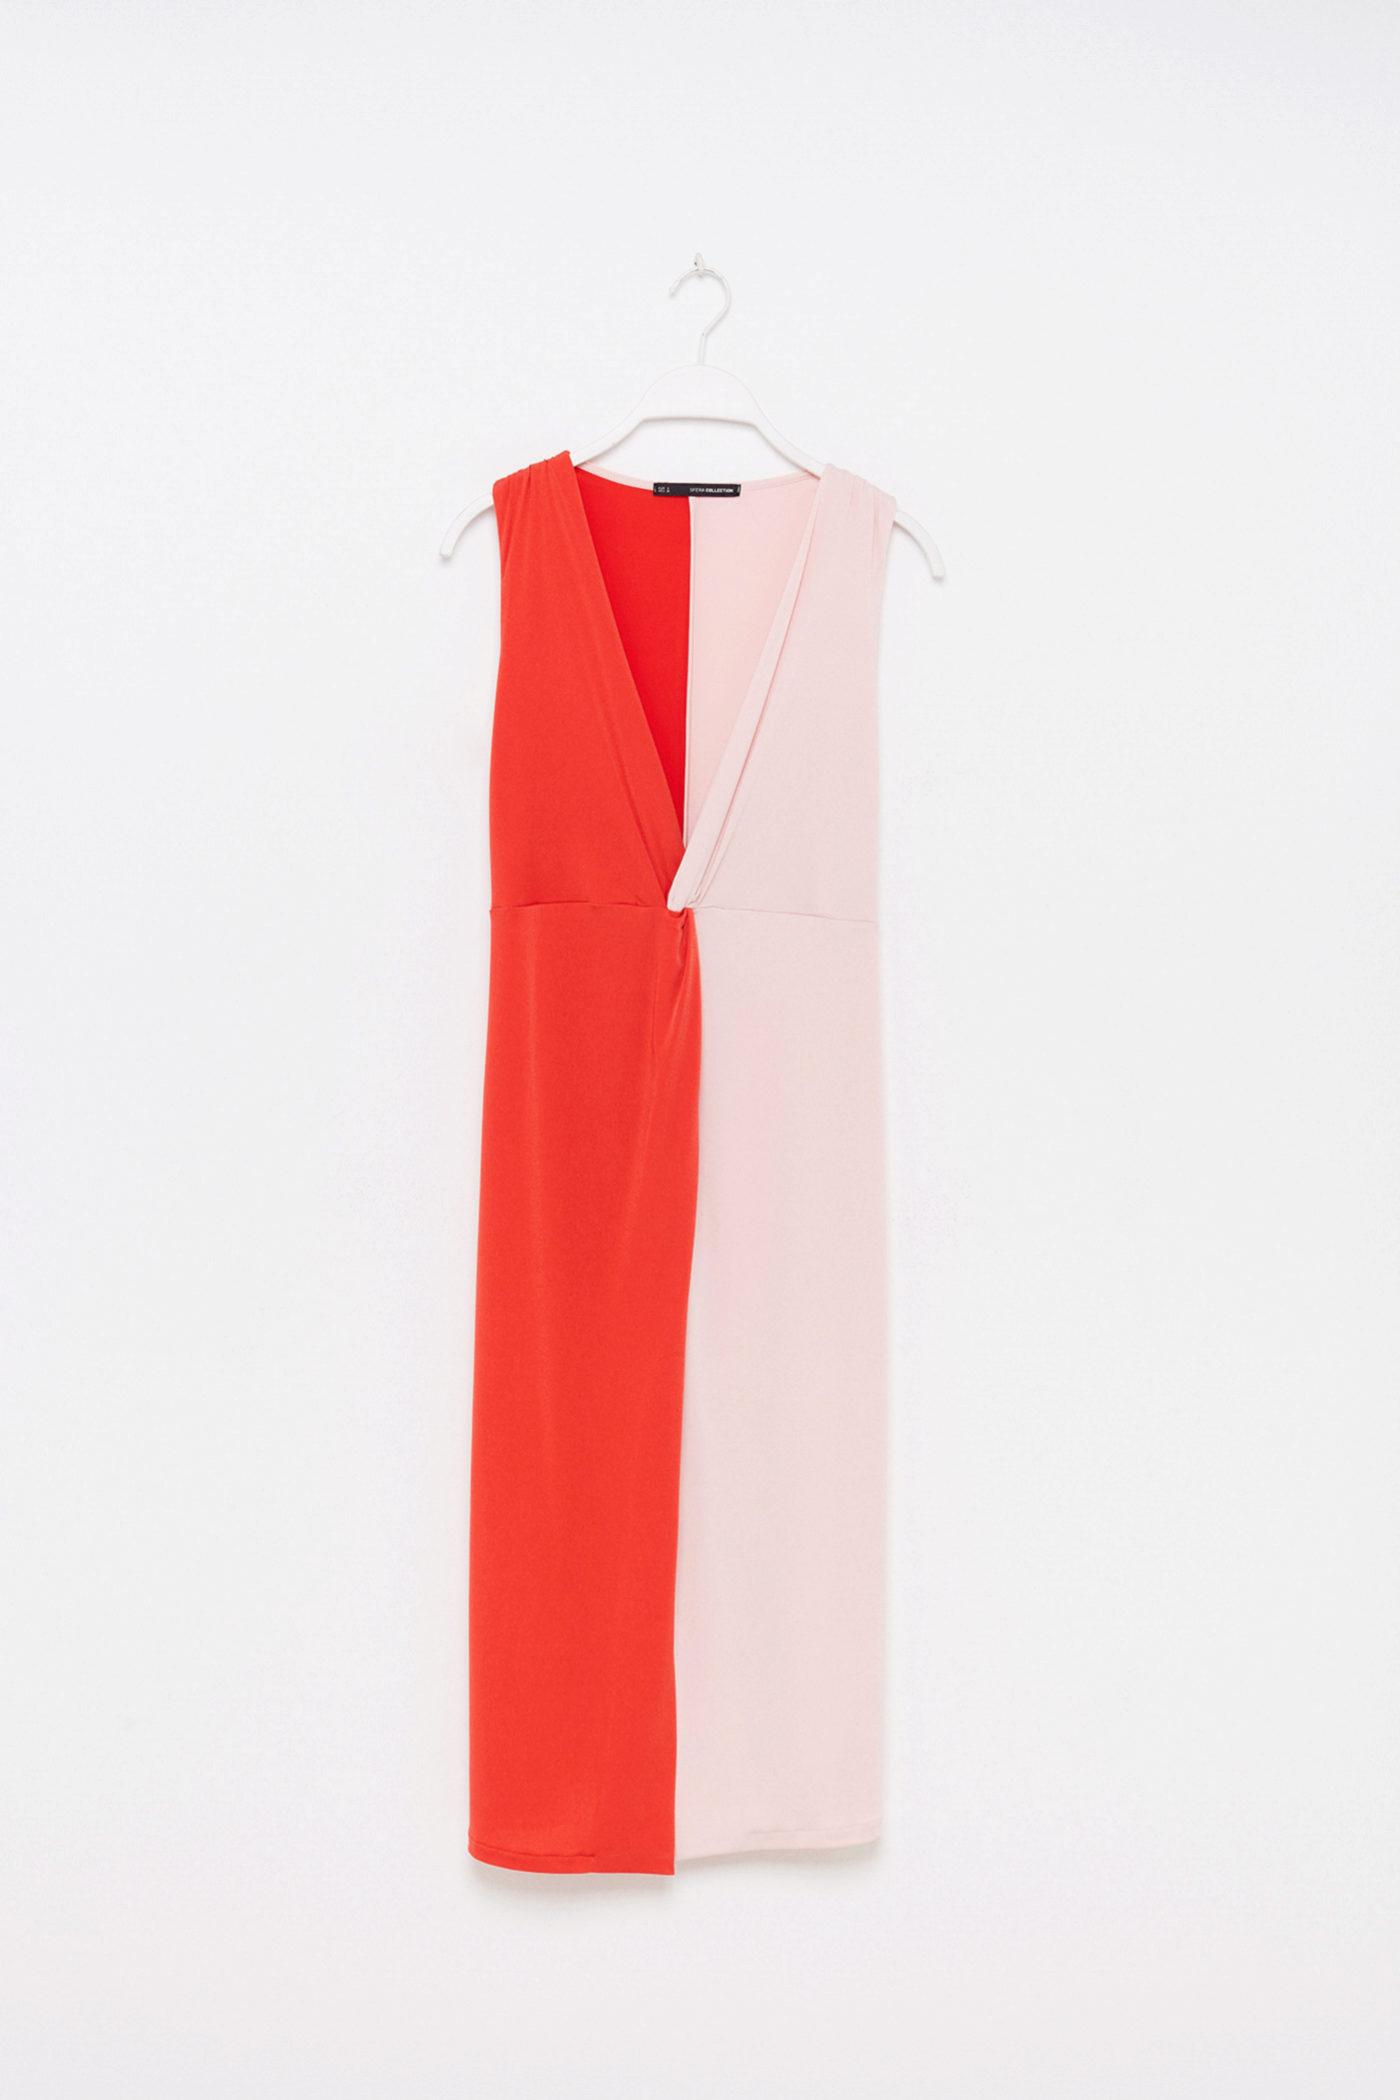 Vestido bicolor en corte midi de Sfera (23,99¤)